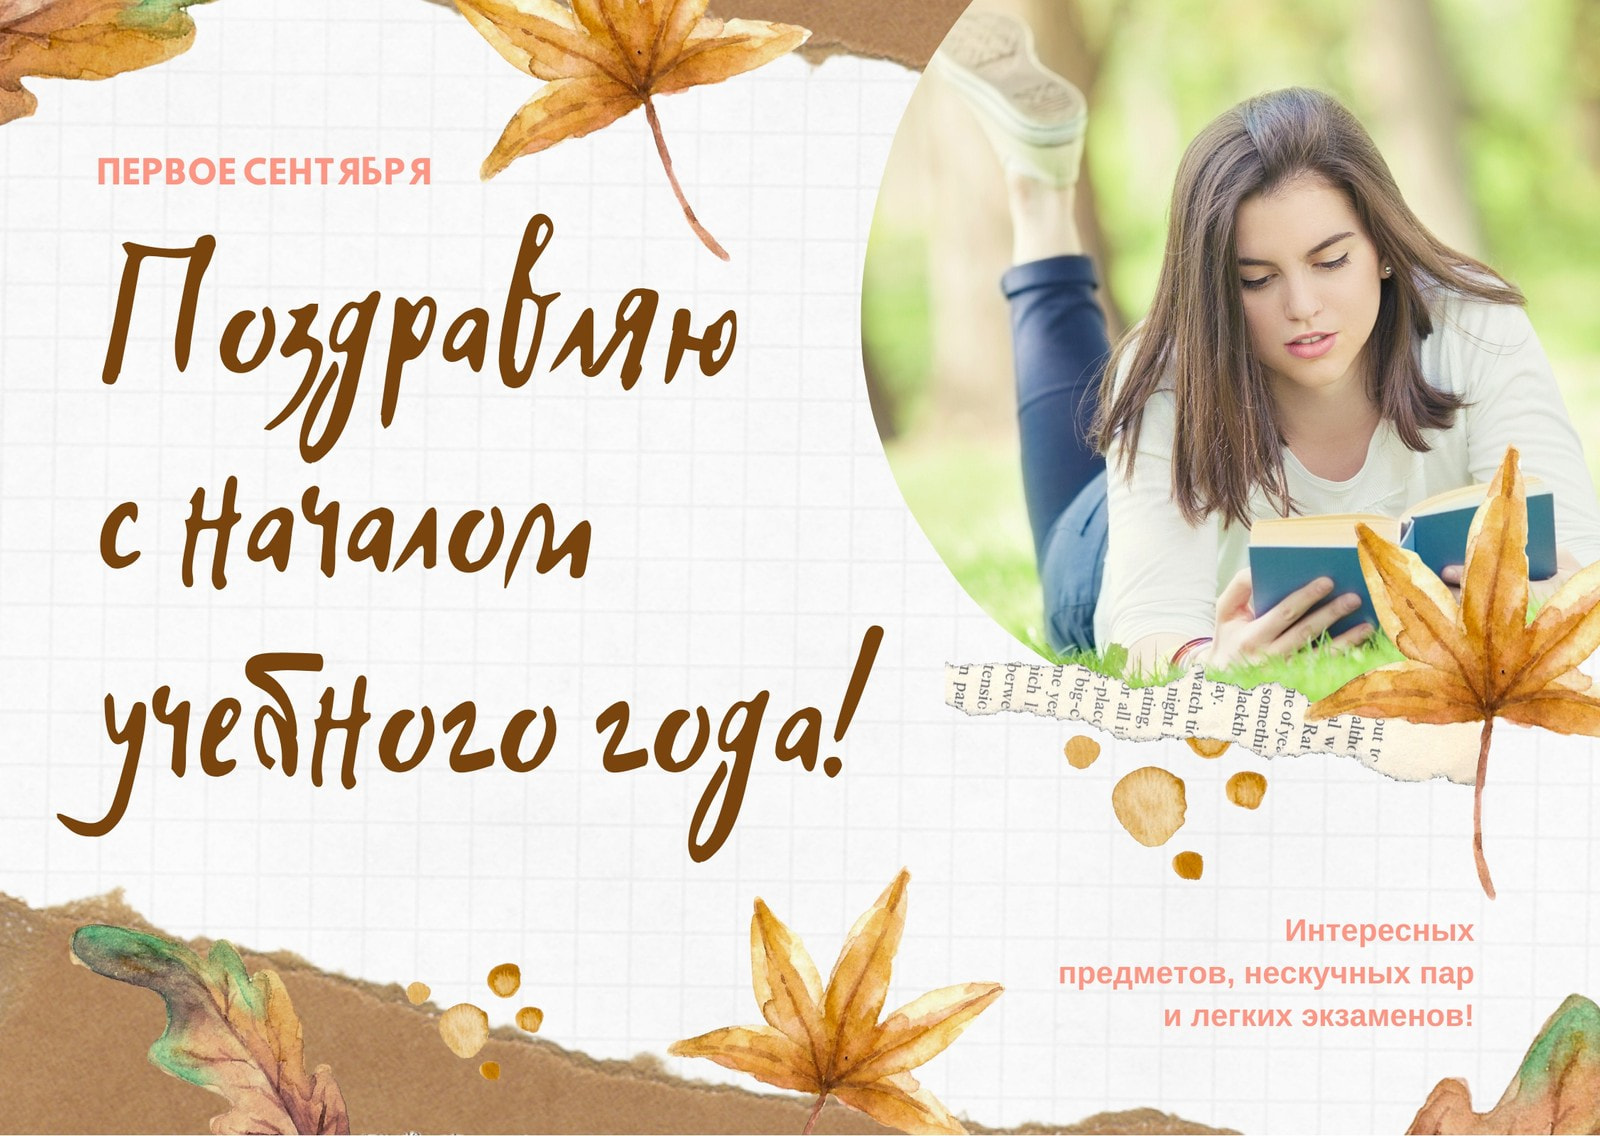 Оранжево-белая открытка на первое сентября с фотографией девушки с книгой